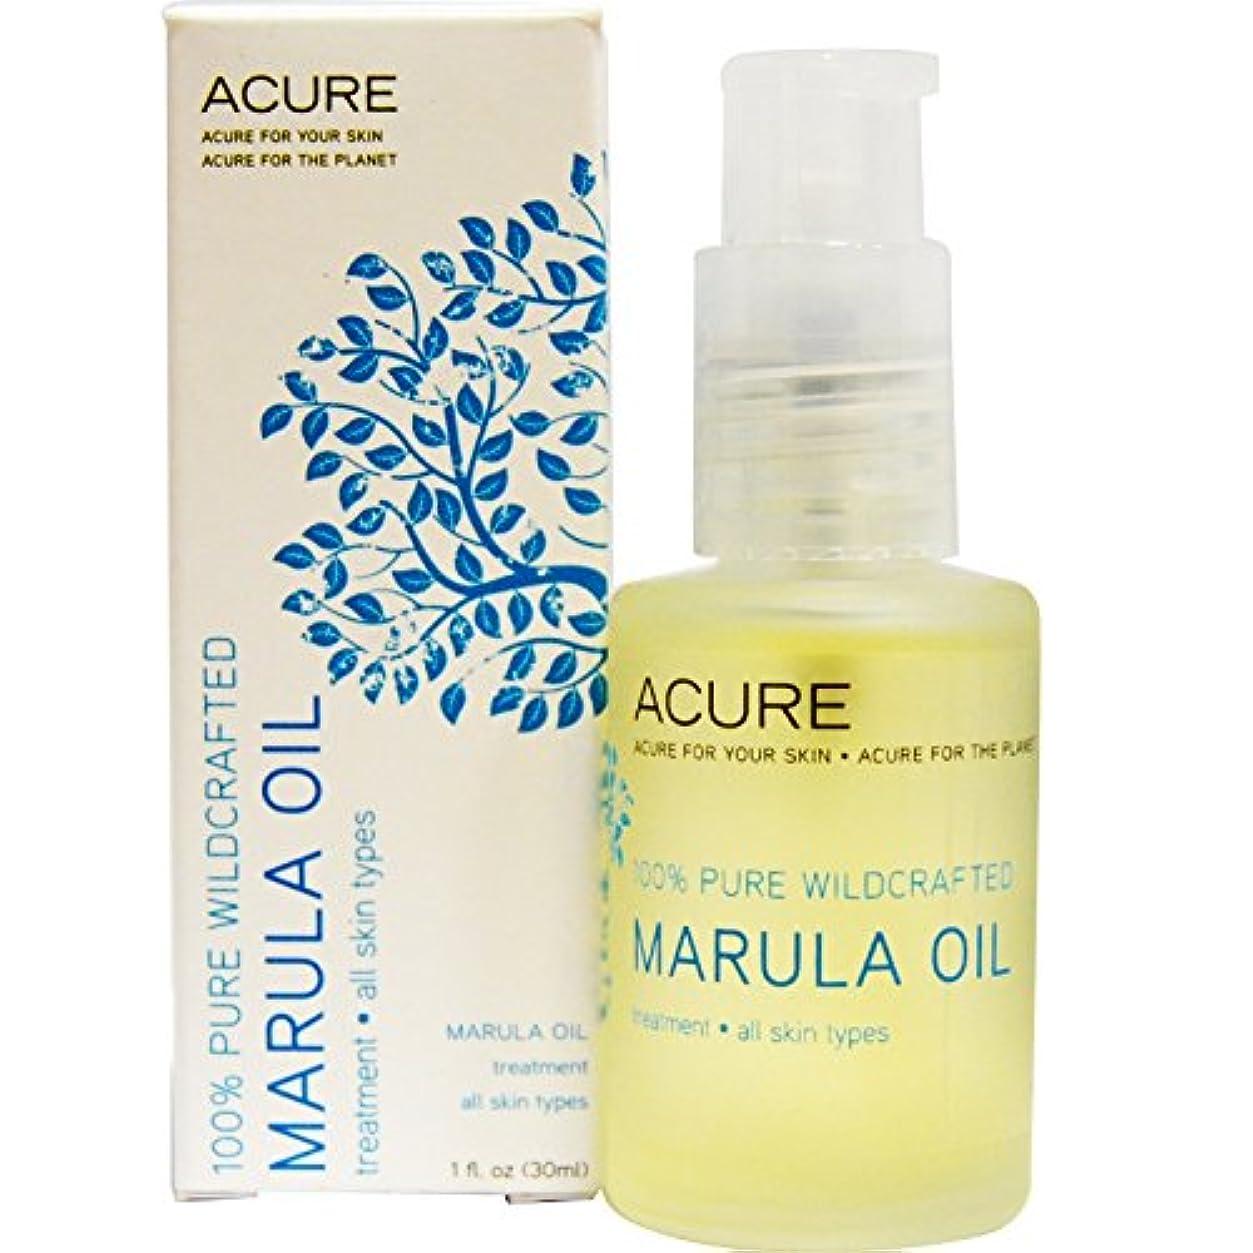 タービン露出度の高いそばにAcure Organics, Marula Oil, ジ?エッセンシャルズ、マルーラオイル 1 oz (30 ml)